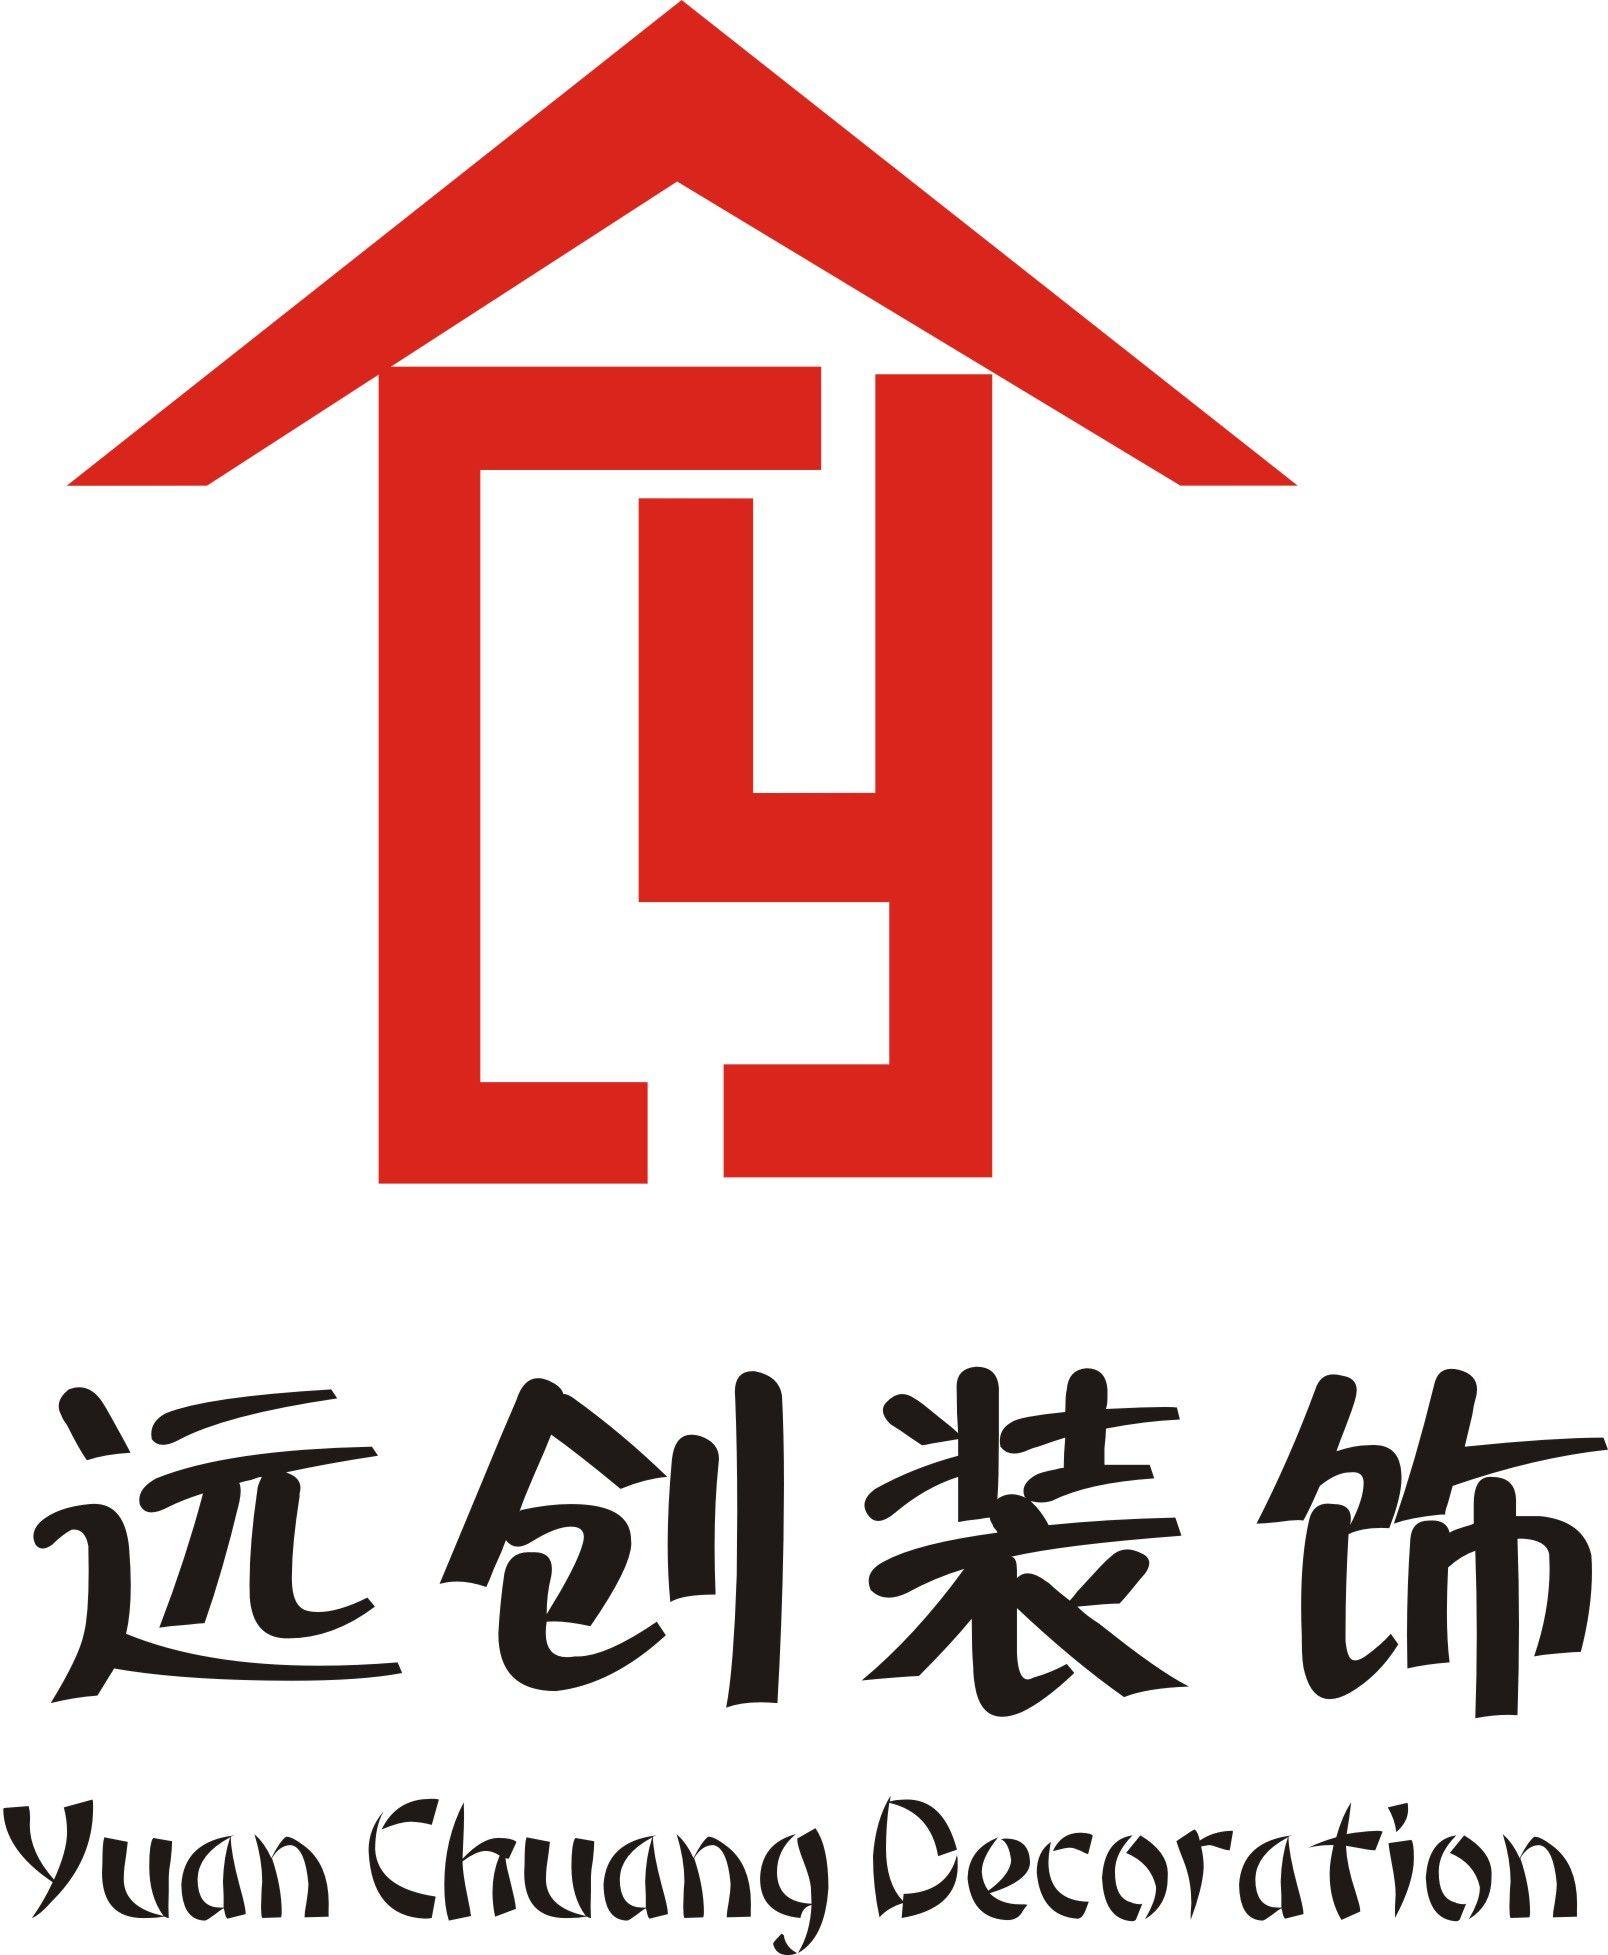 公司 logo 装饰装修 设计案例 重庆市 远创 装饰